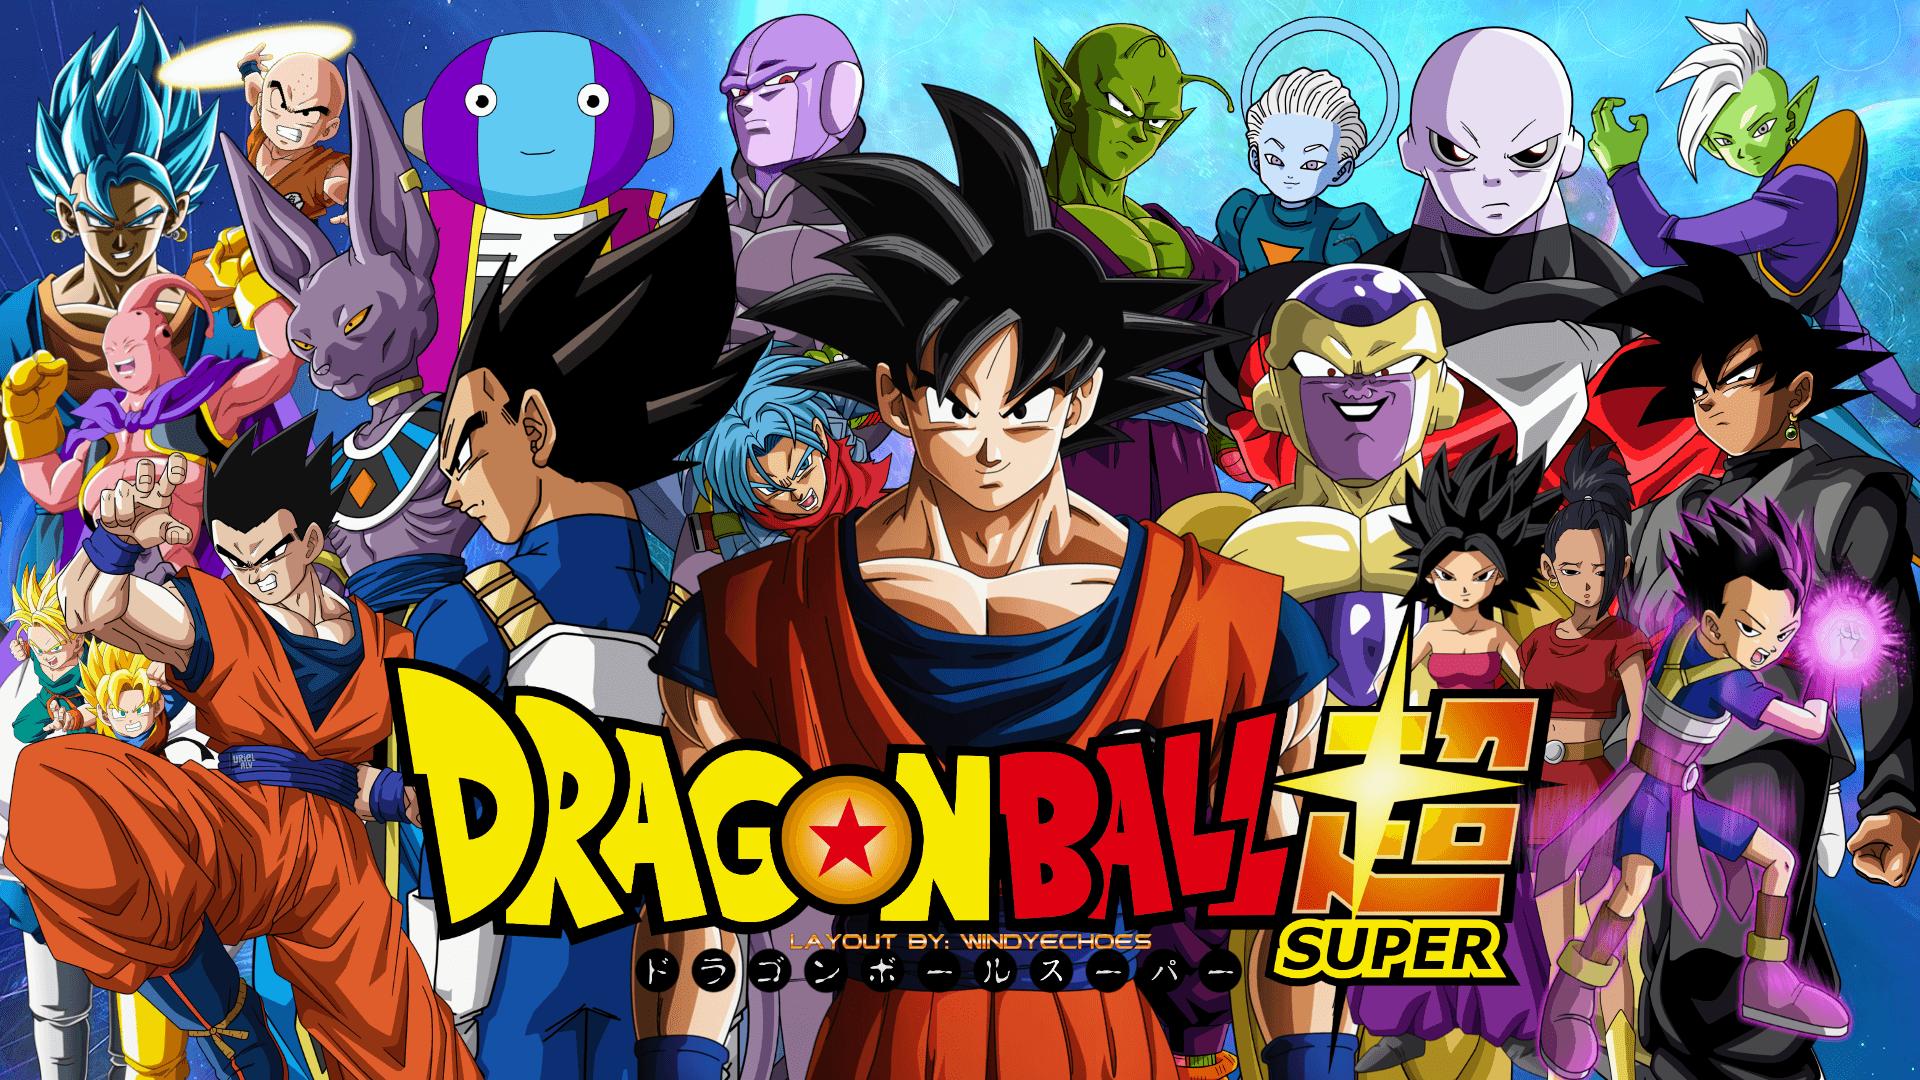 Dragon Ball Super Hd Wallpapers Wallpaper Cave